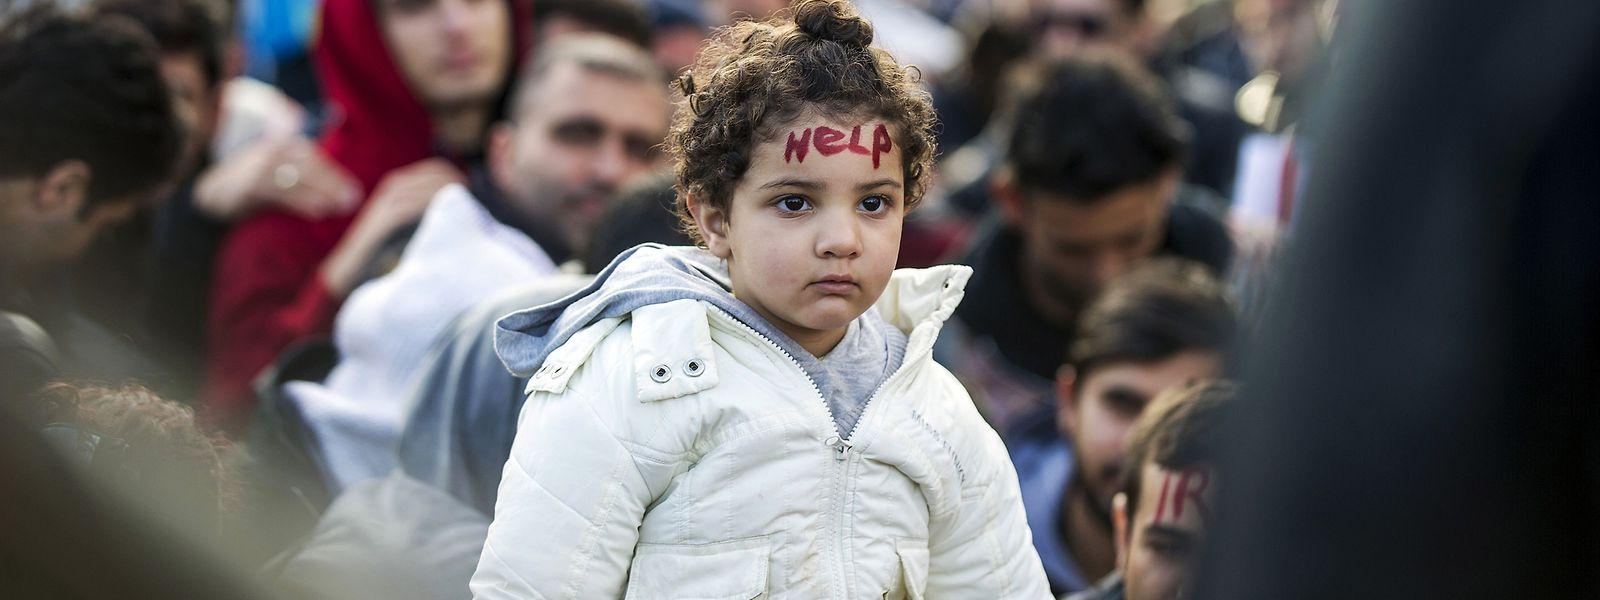 Unbegleitete minderjährige Flüchtlinge müssen besonders geschützt werden, fordert die Menschenrechtskommission.